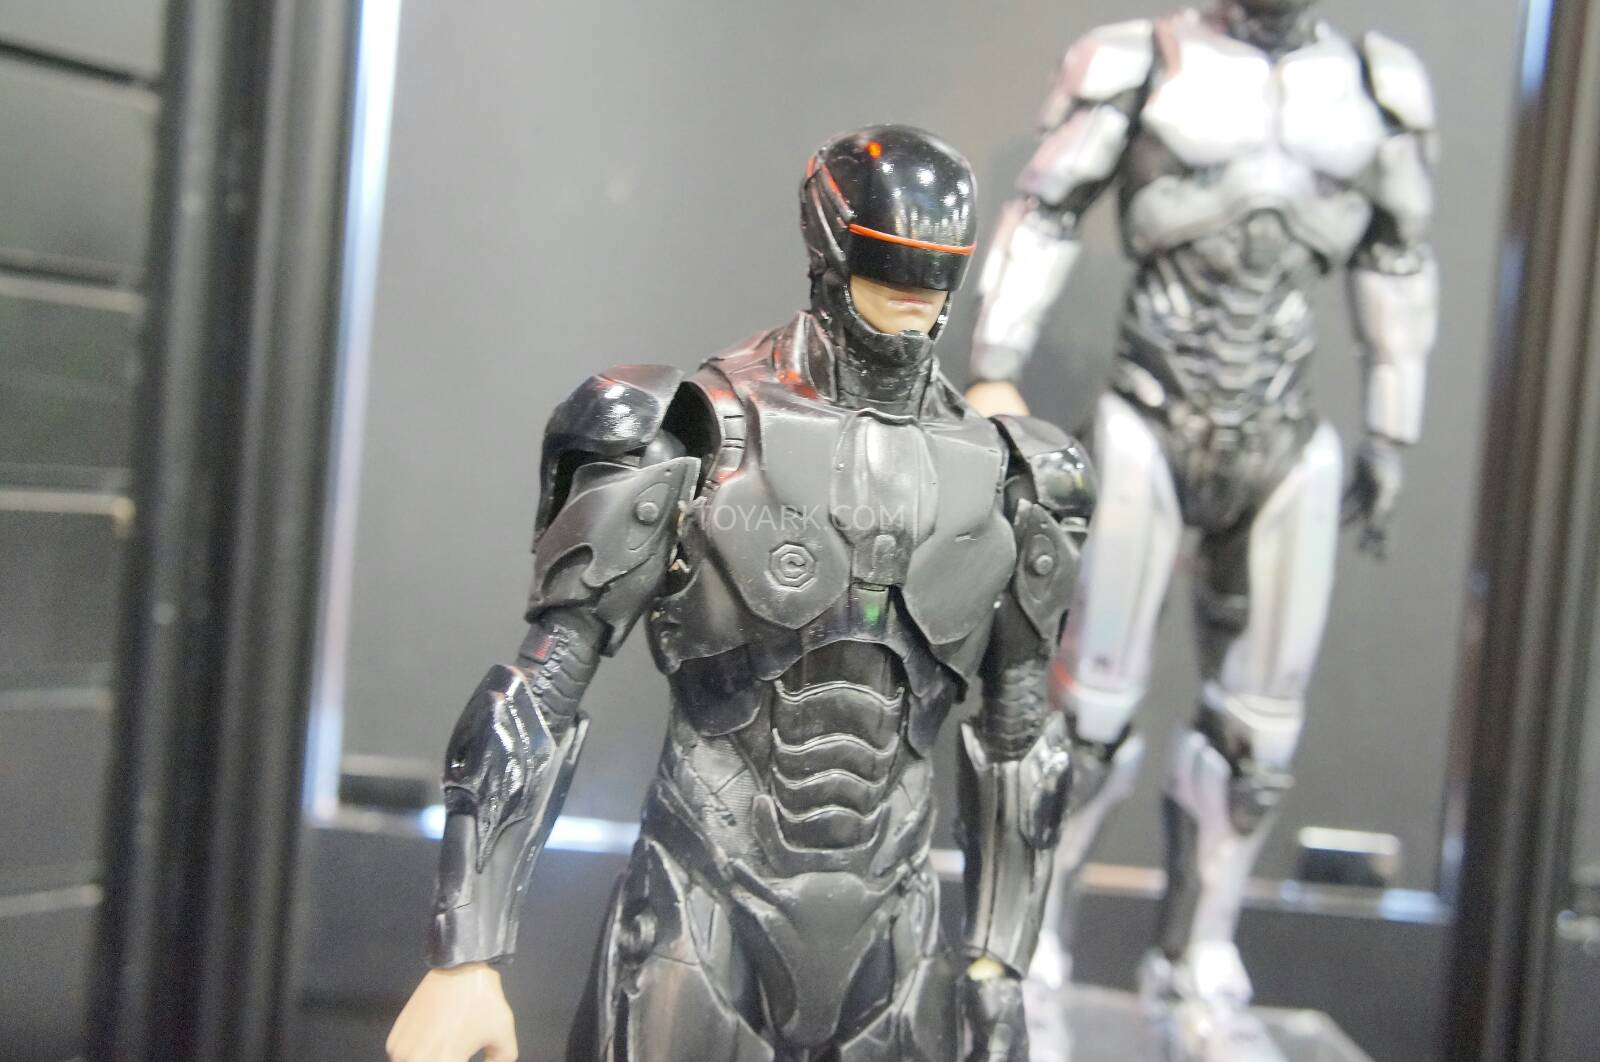 [ThreeZero] Robocop 2014 V3.0 - 1/6 Scale Toy-Fair-2014-ThreeZero-Robocop-006